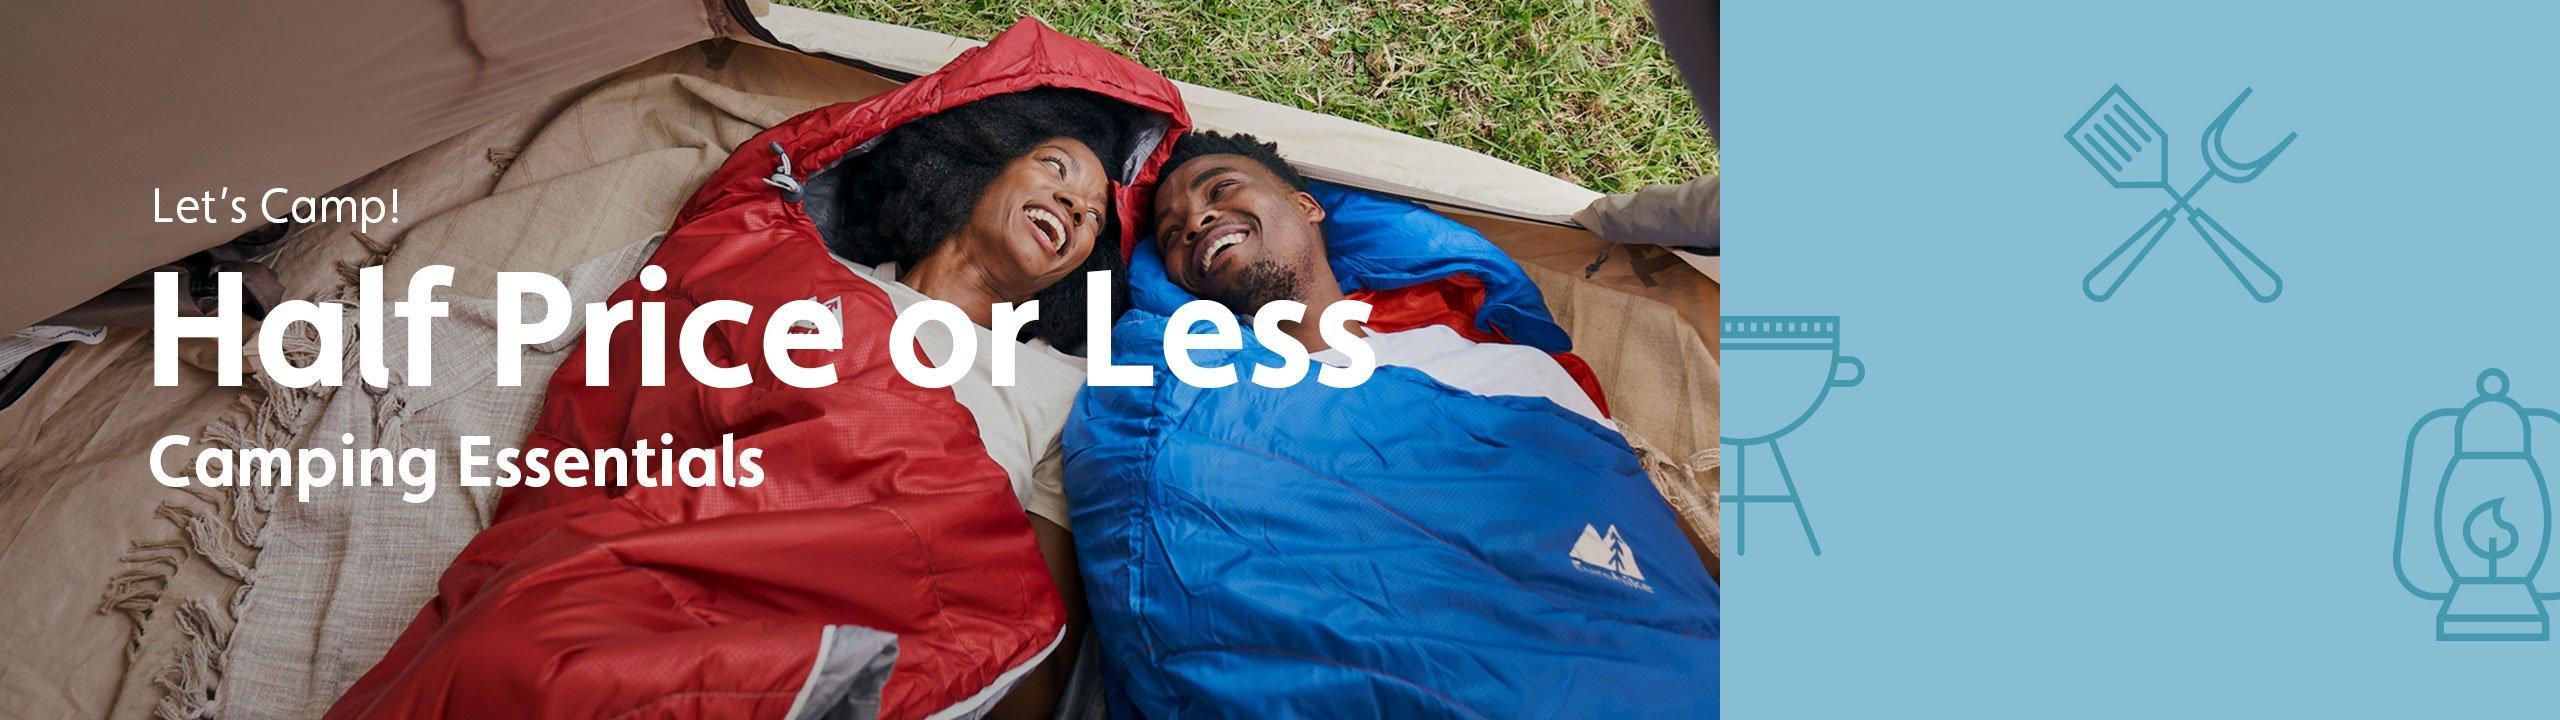 Half Price or Less - Camping Essentials